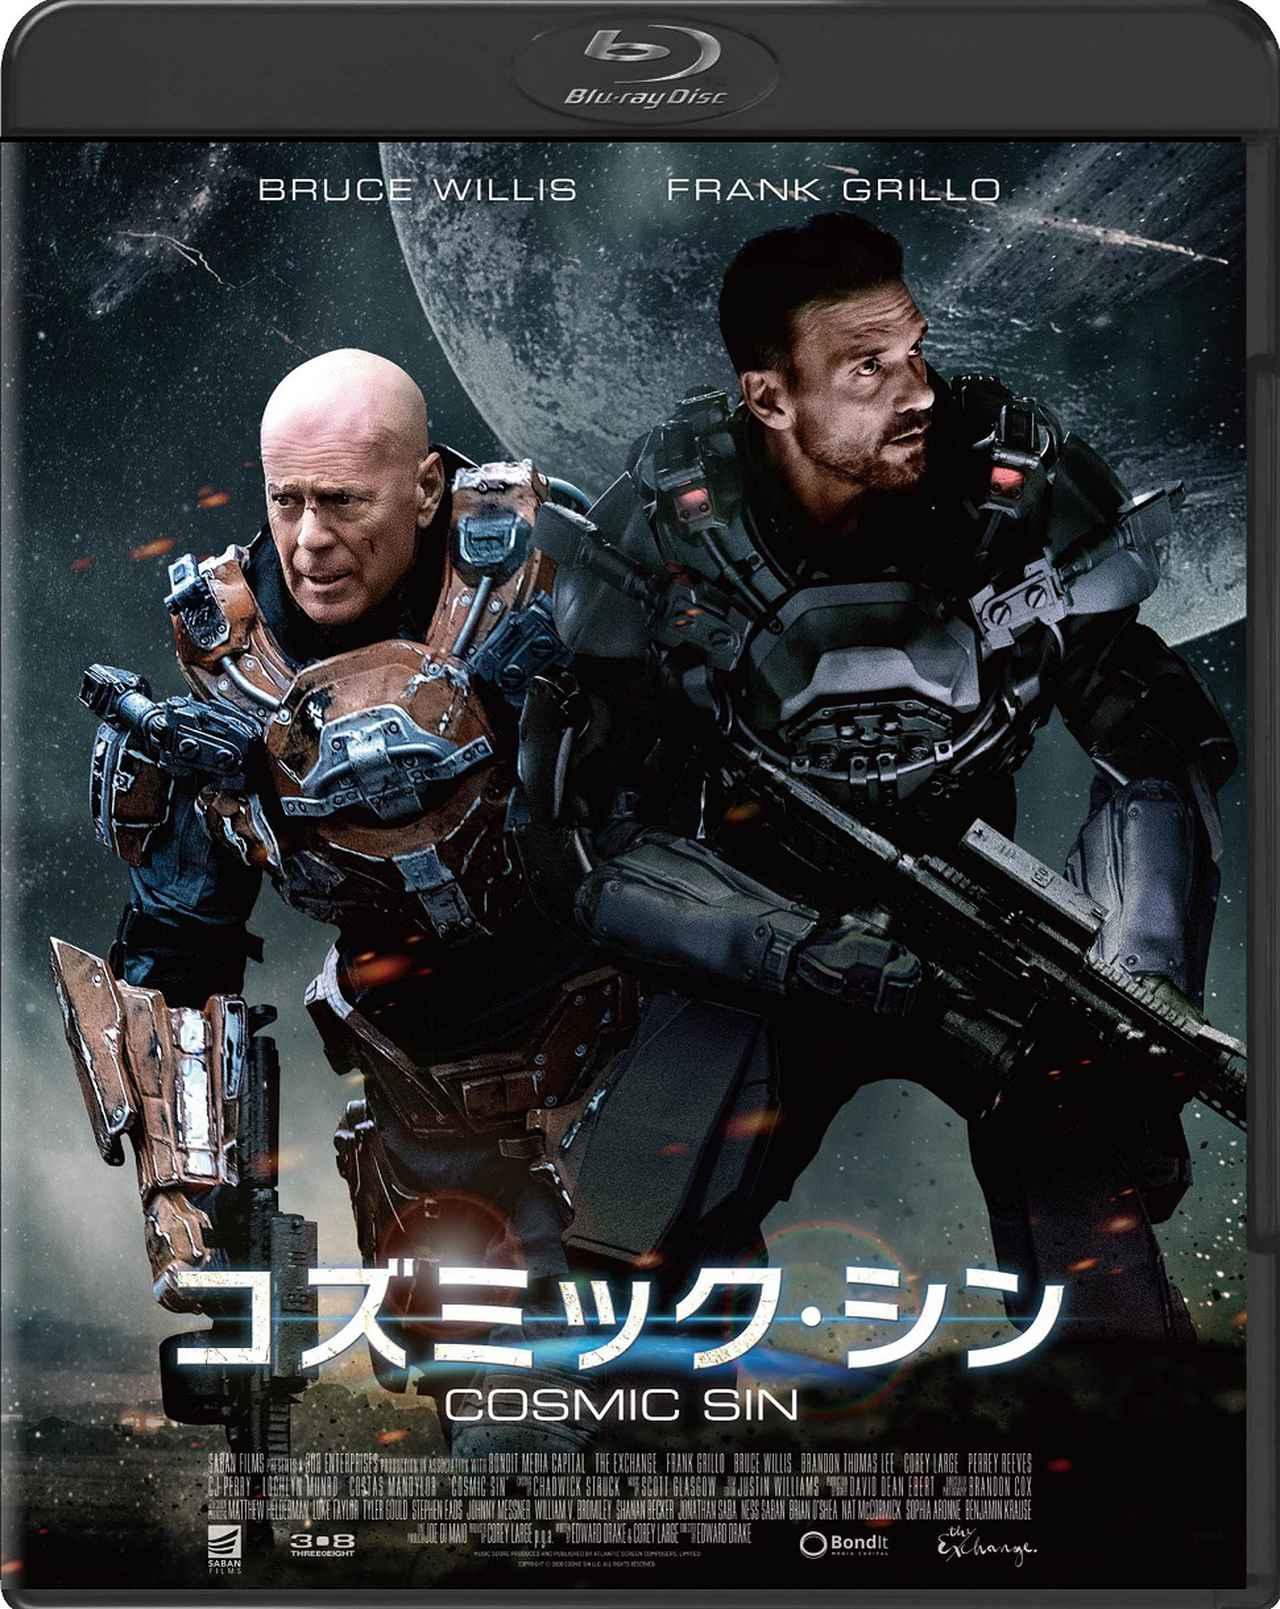 画像: 『コズミック・シン』Blu-ray  5,280円(税込) 発売元:株式会社ハピネットファントム・スタジオ